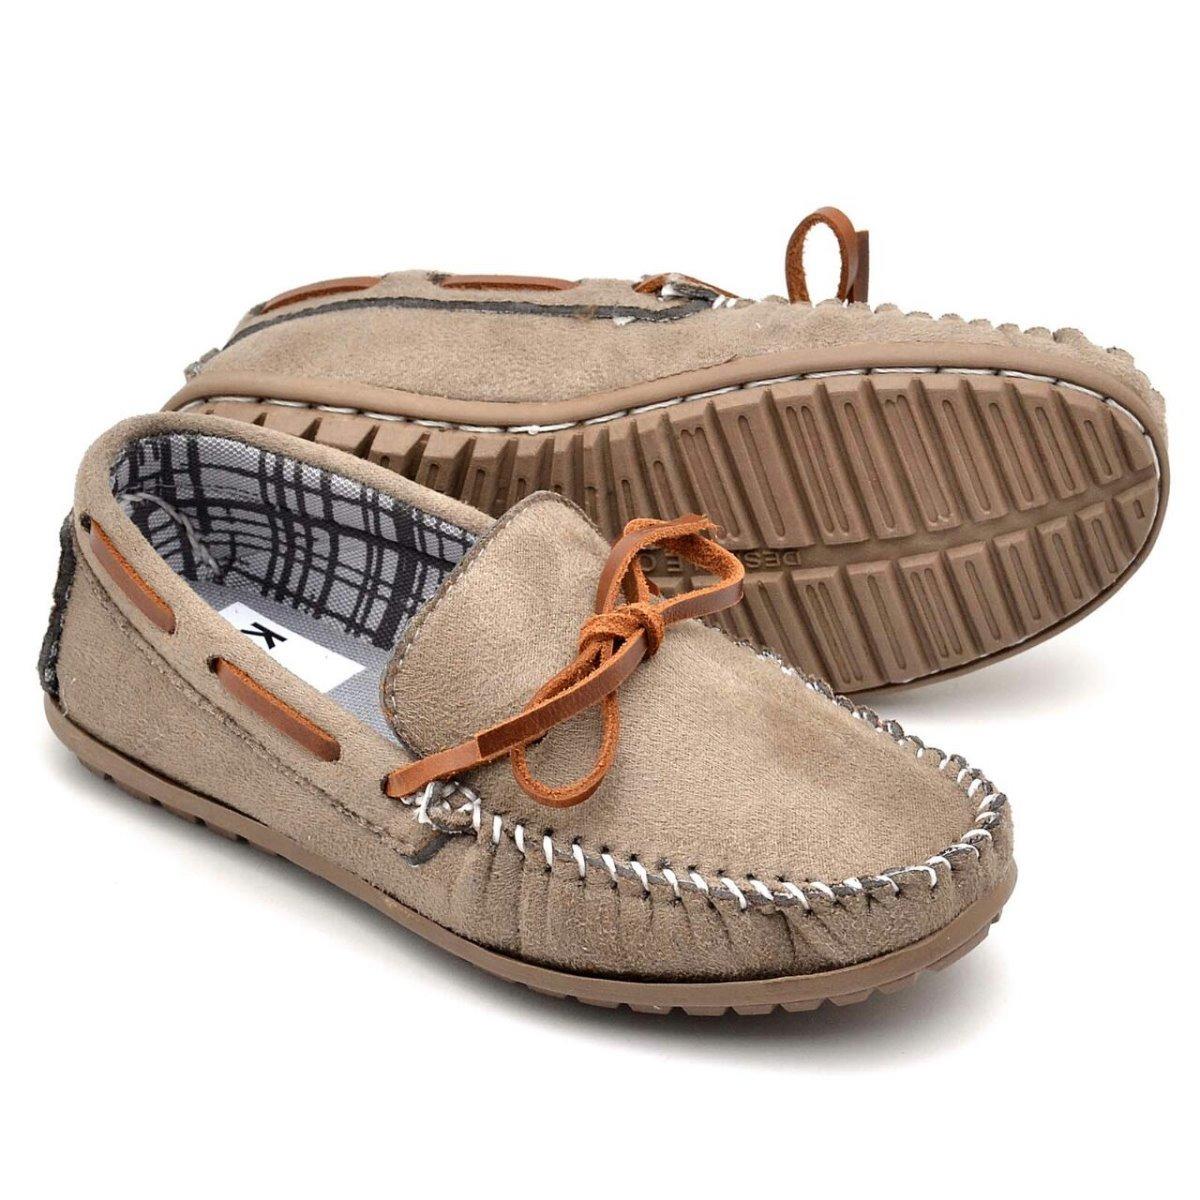 3f768ba2ad sapato mocassim infantil masculino em couro casual 3 cores. Carregando zoom.